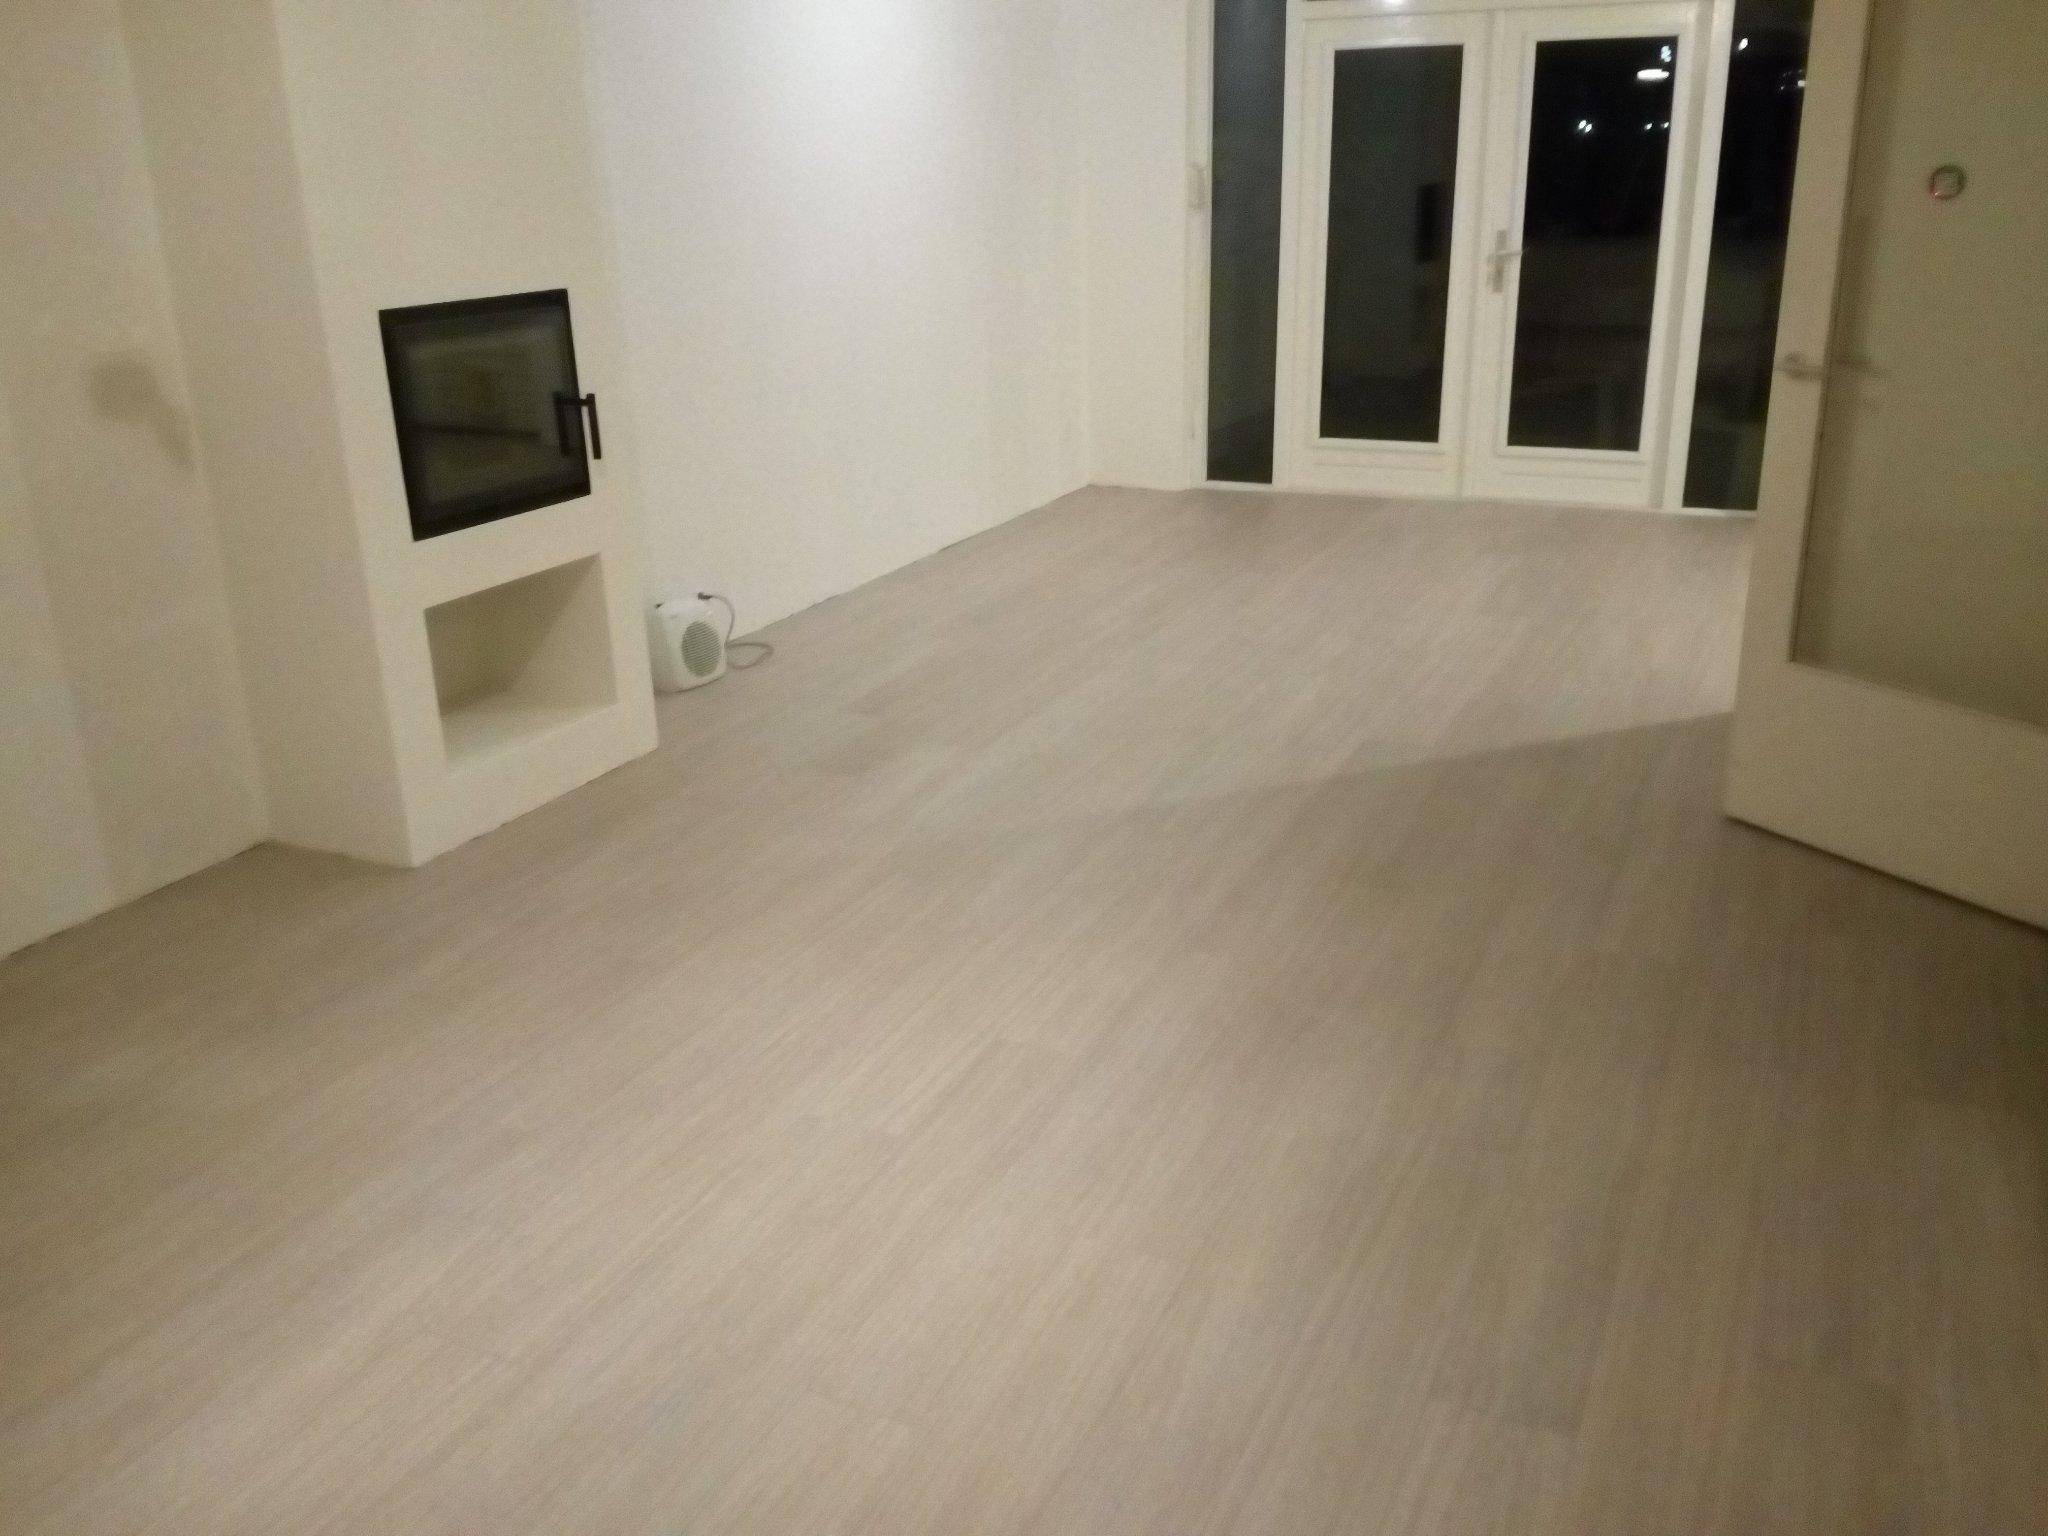 Vloer egaliseren prijs free awesome vloer schuren prijs per m